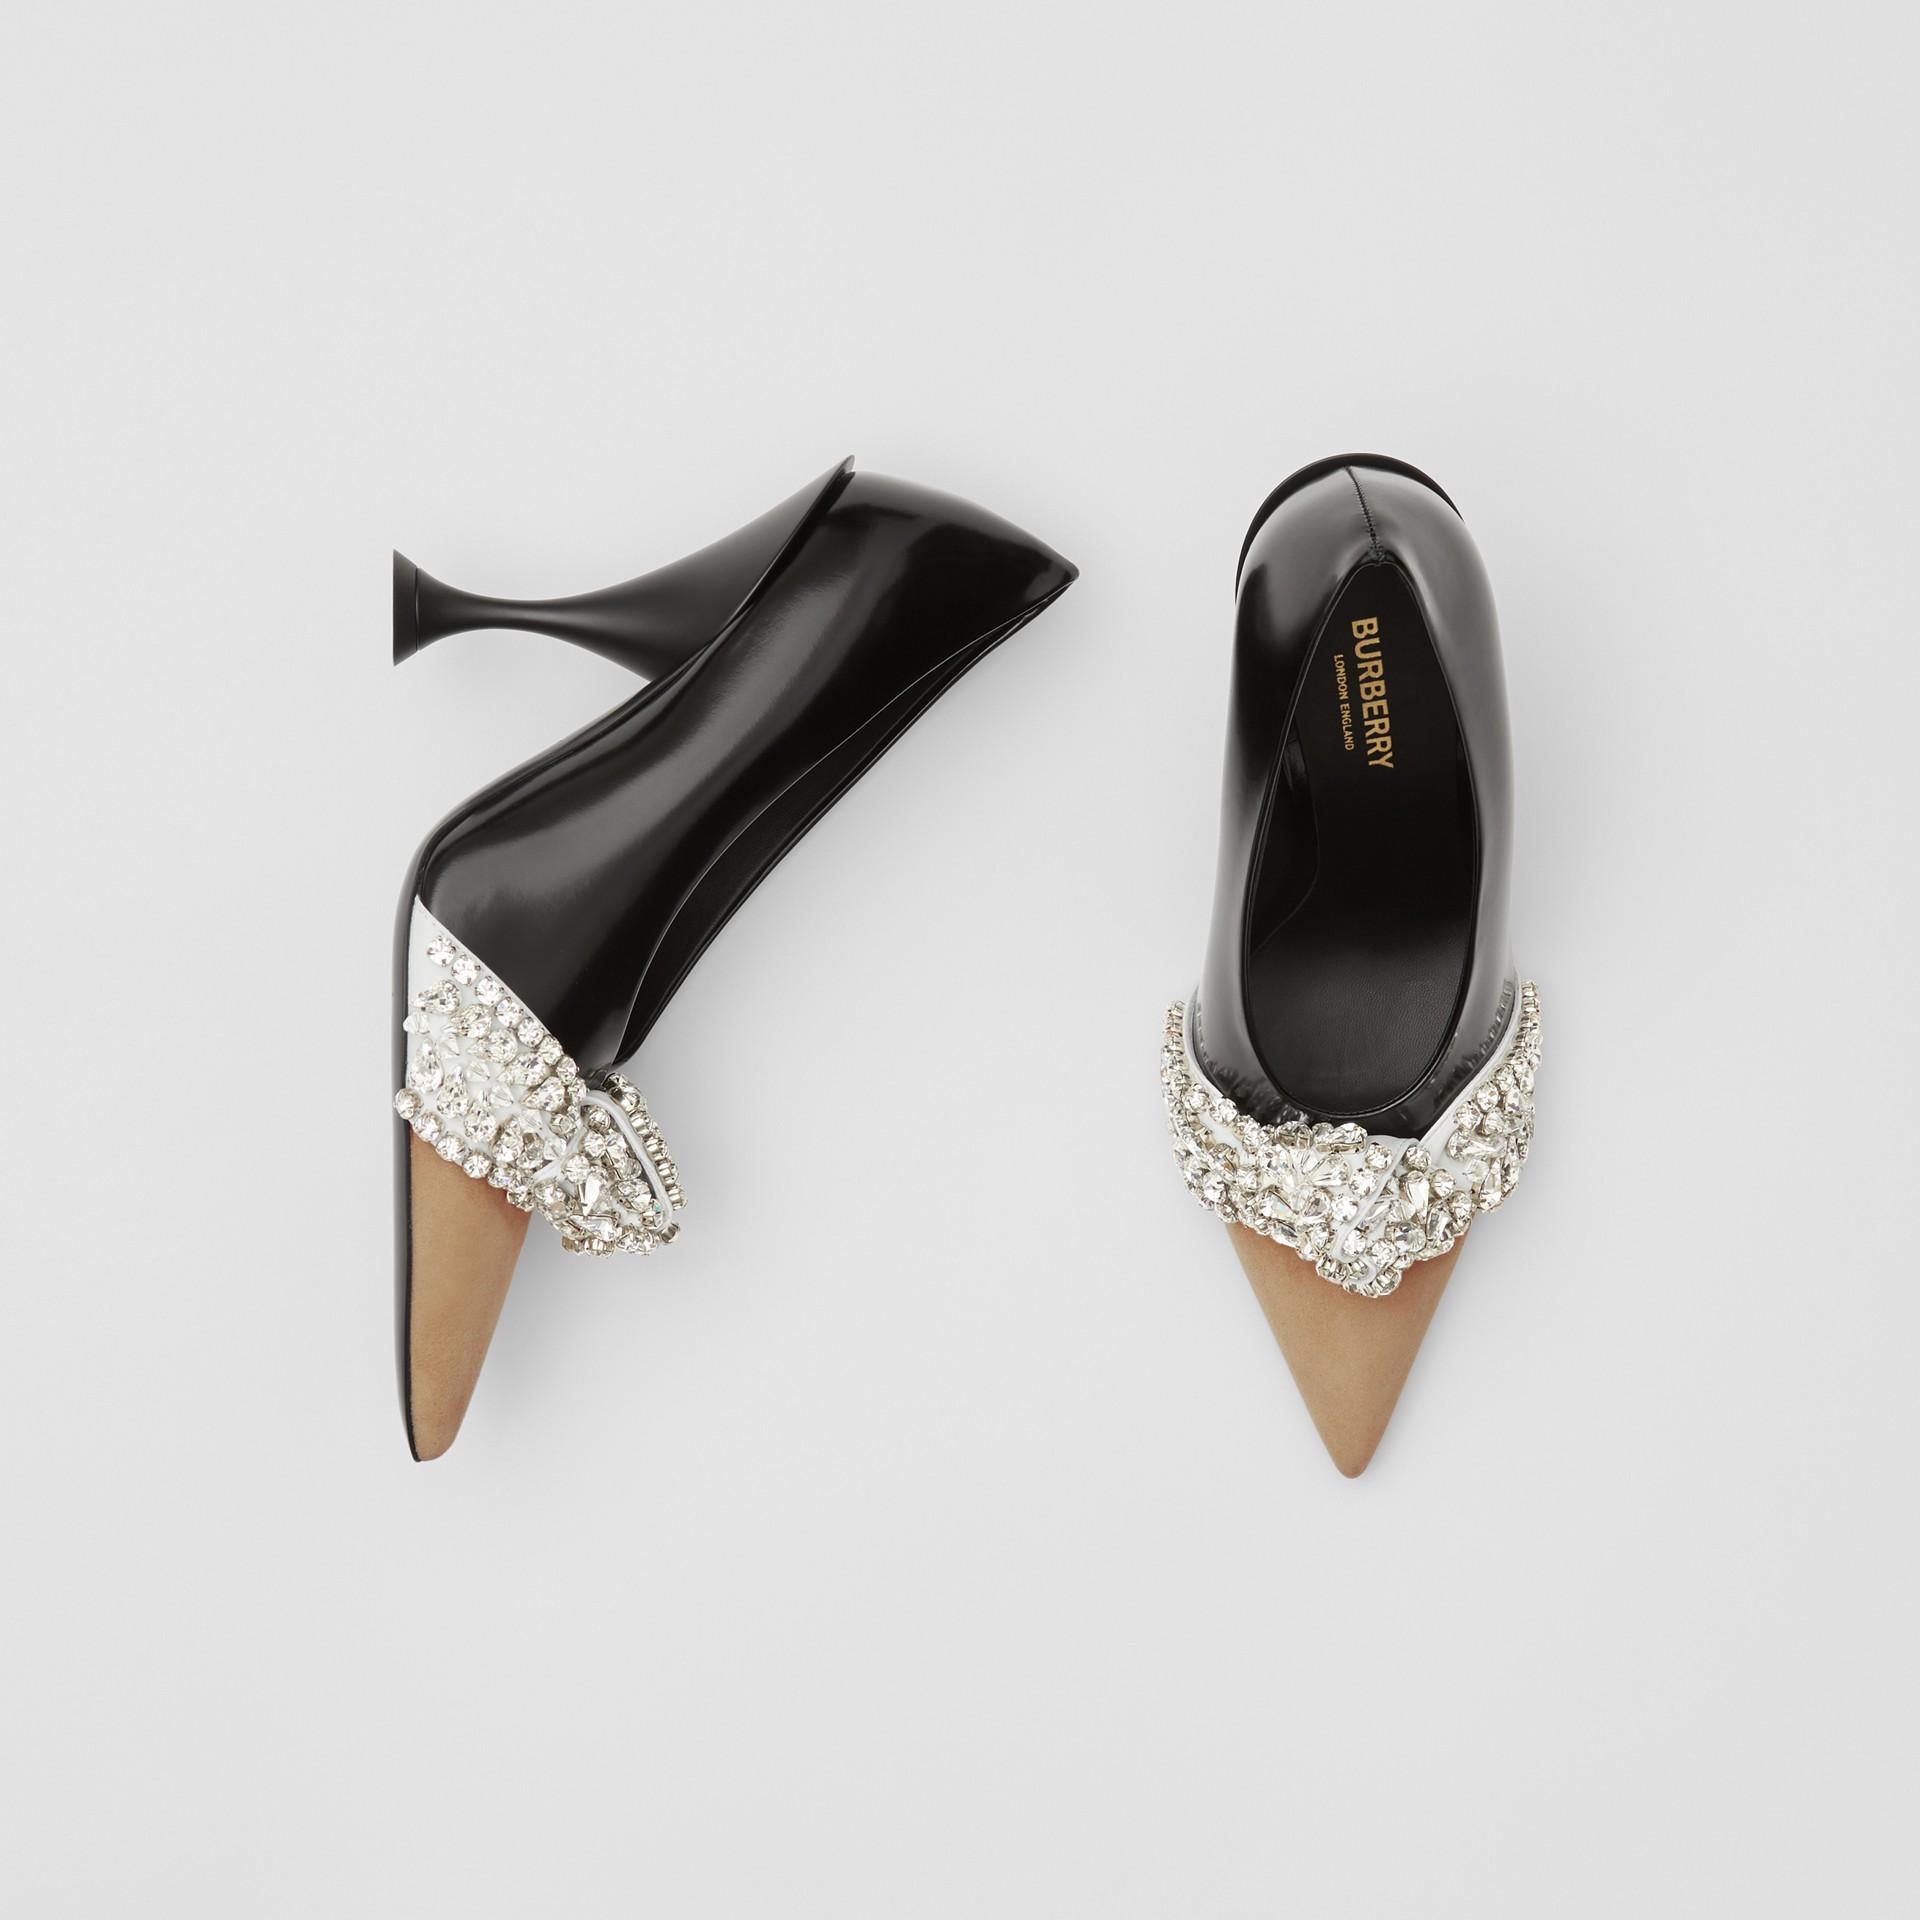 Spitz zulaufende Pumps aus Leder und Veloursleder mit Kristalldetail (Schwarz) - Damen | Burberry - Galerie-Bild 0